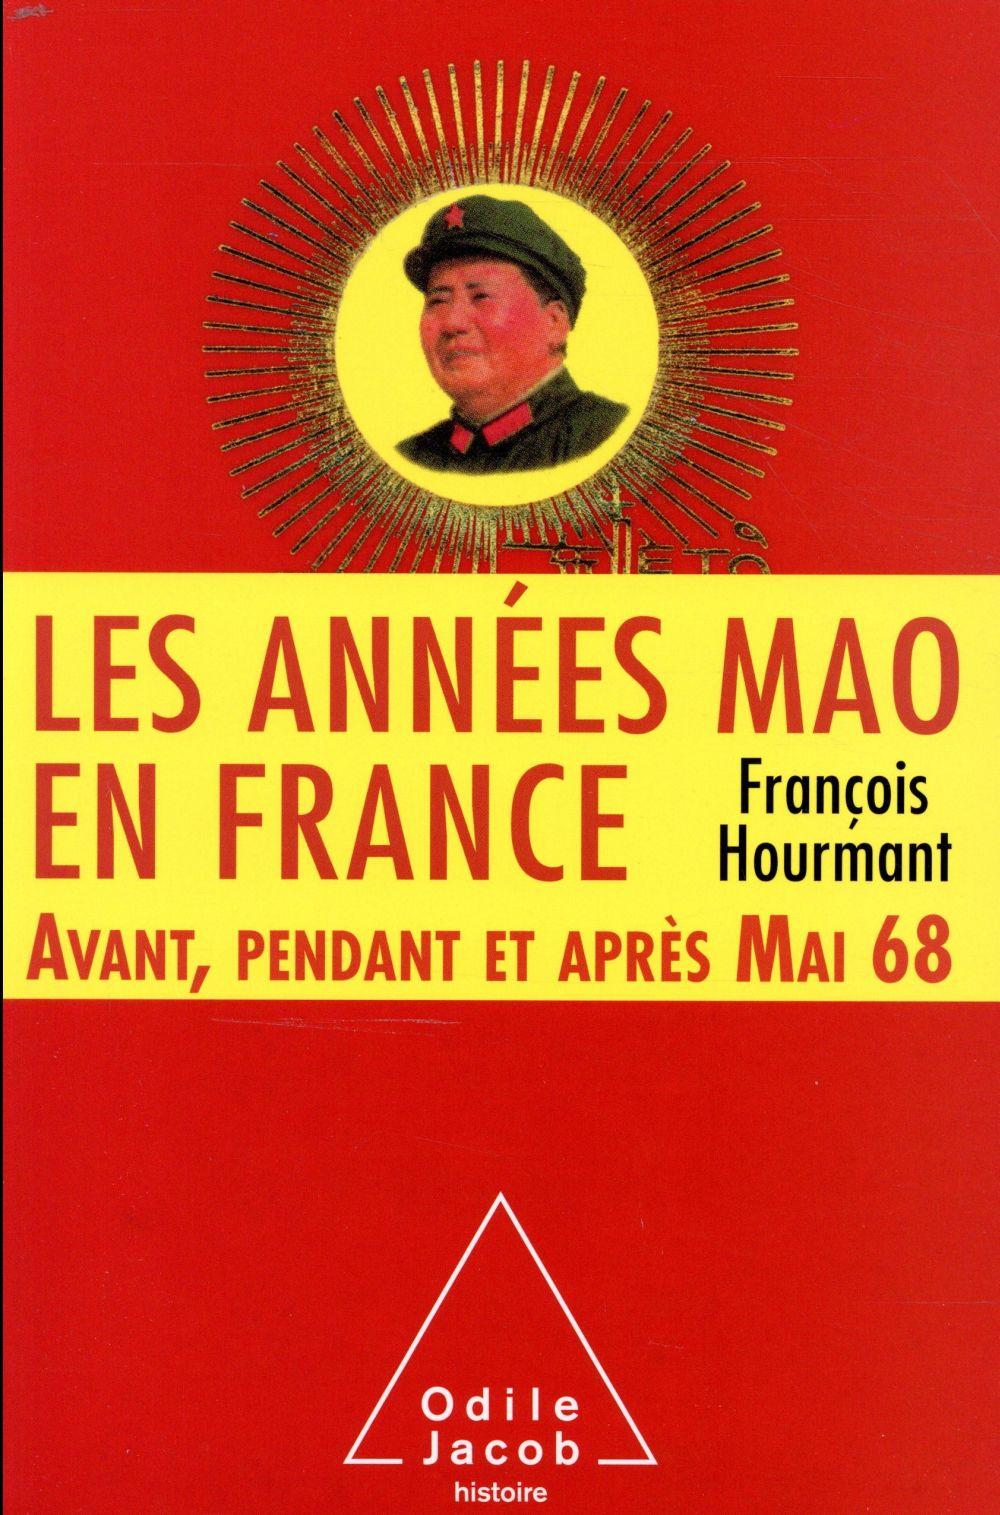 LES ANNEES MAO EN FRANCE, AVANT, PENDANT ET APRES MAI 68